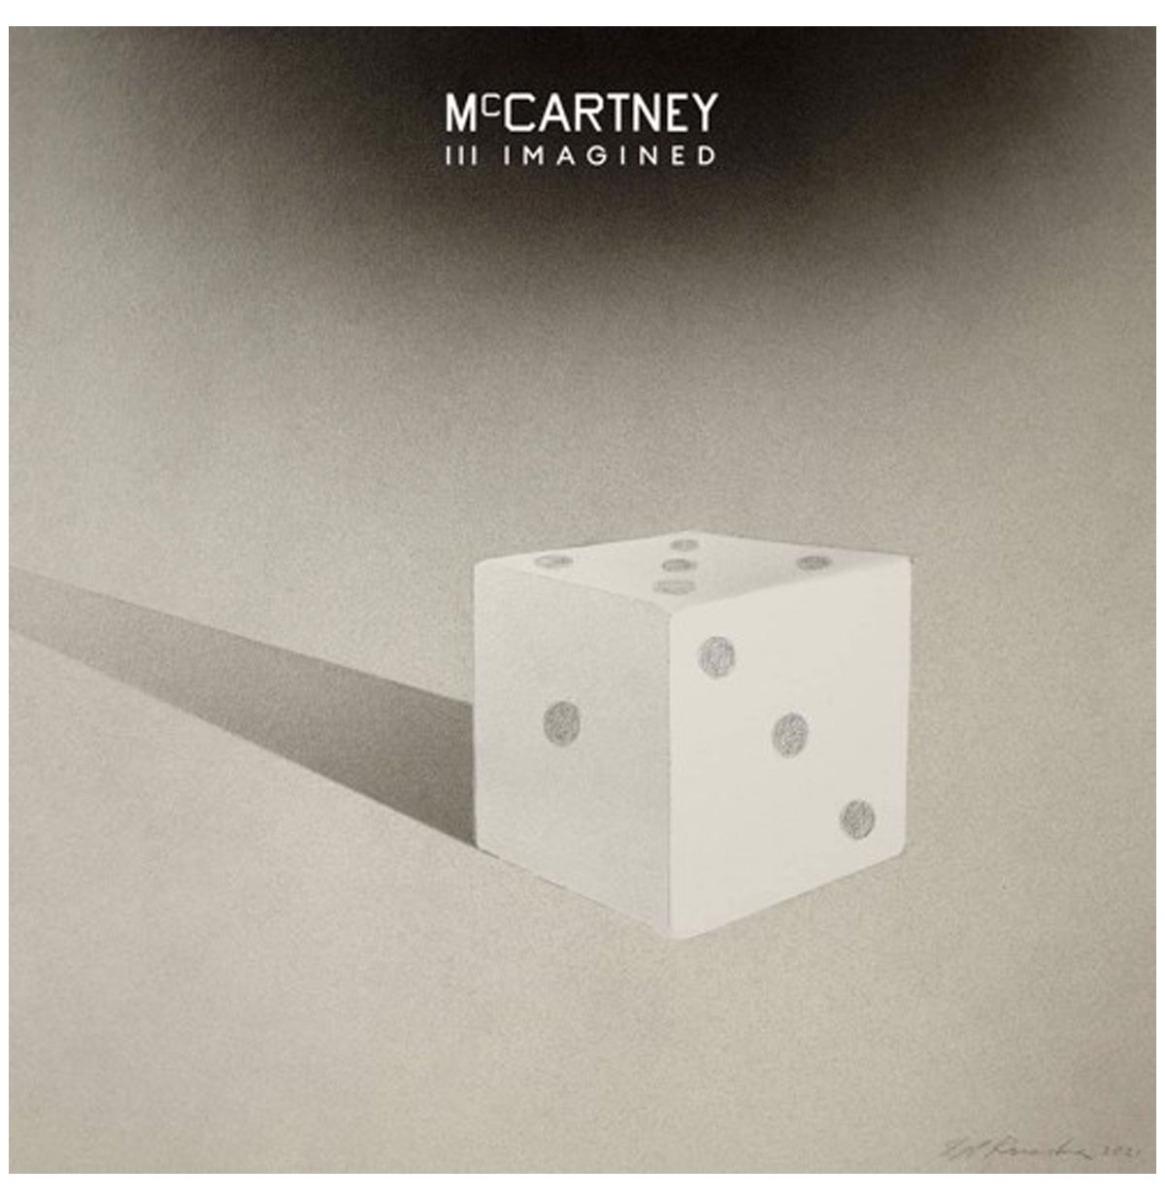 Paul McCartney - III Imagined ( Gekleurd Vinyl ) ( Indie Only ) 2LP